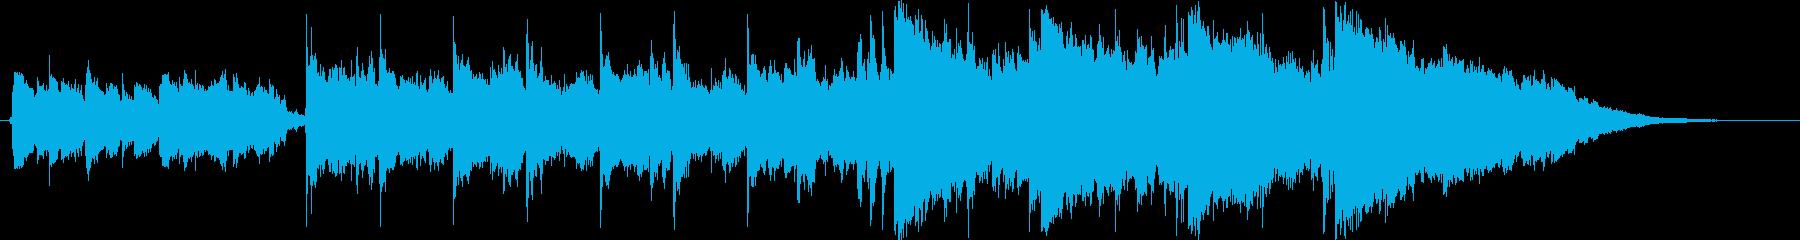 神聖なる森の入り口/ギターアルペジオの再生済みの波形